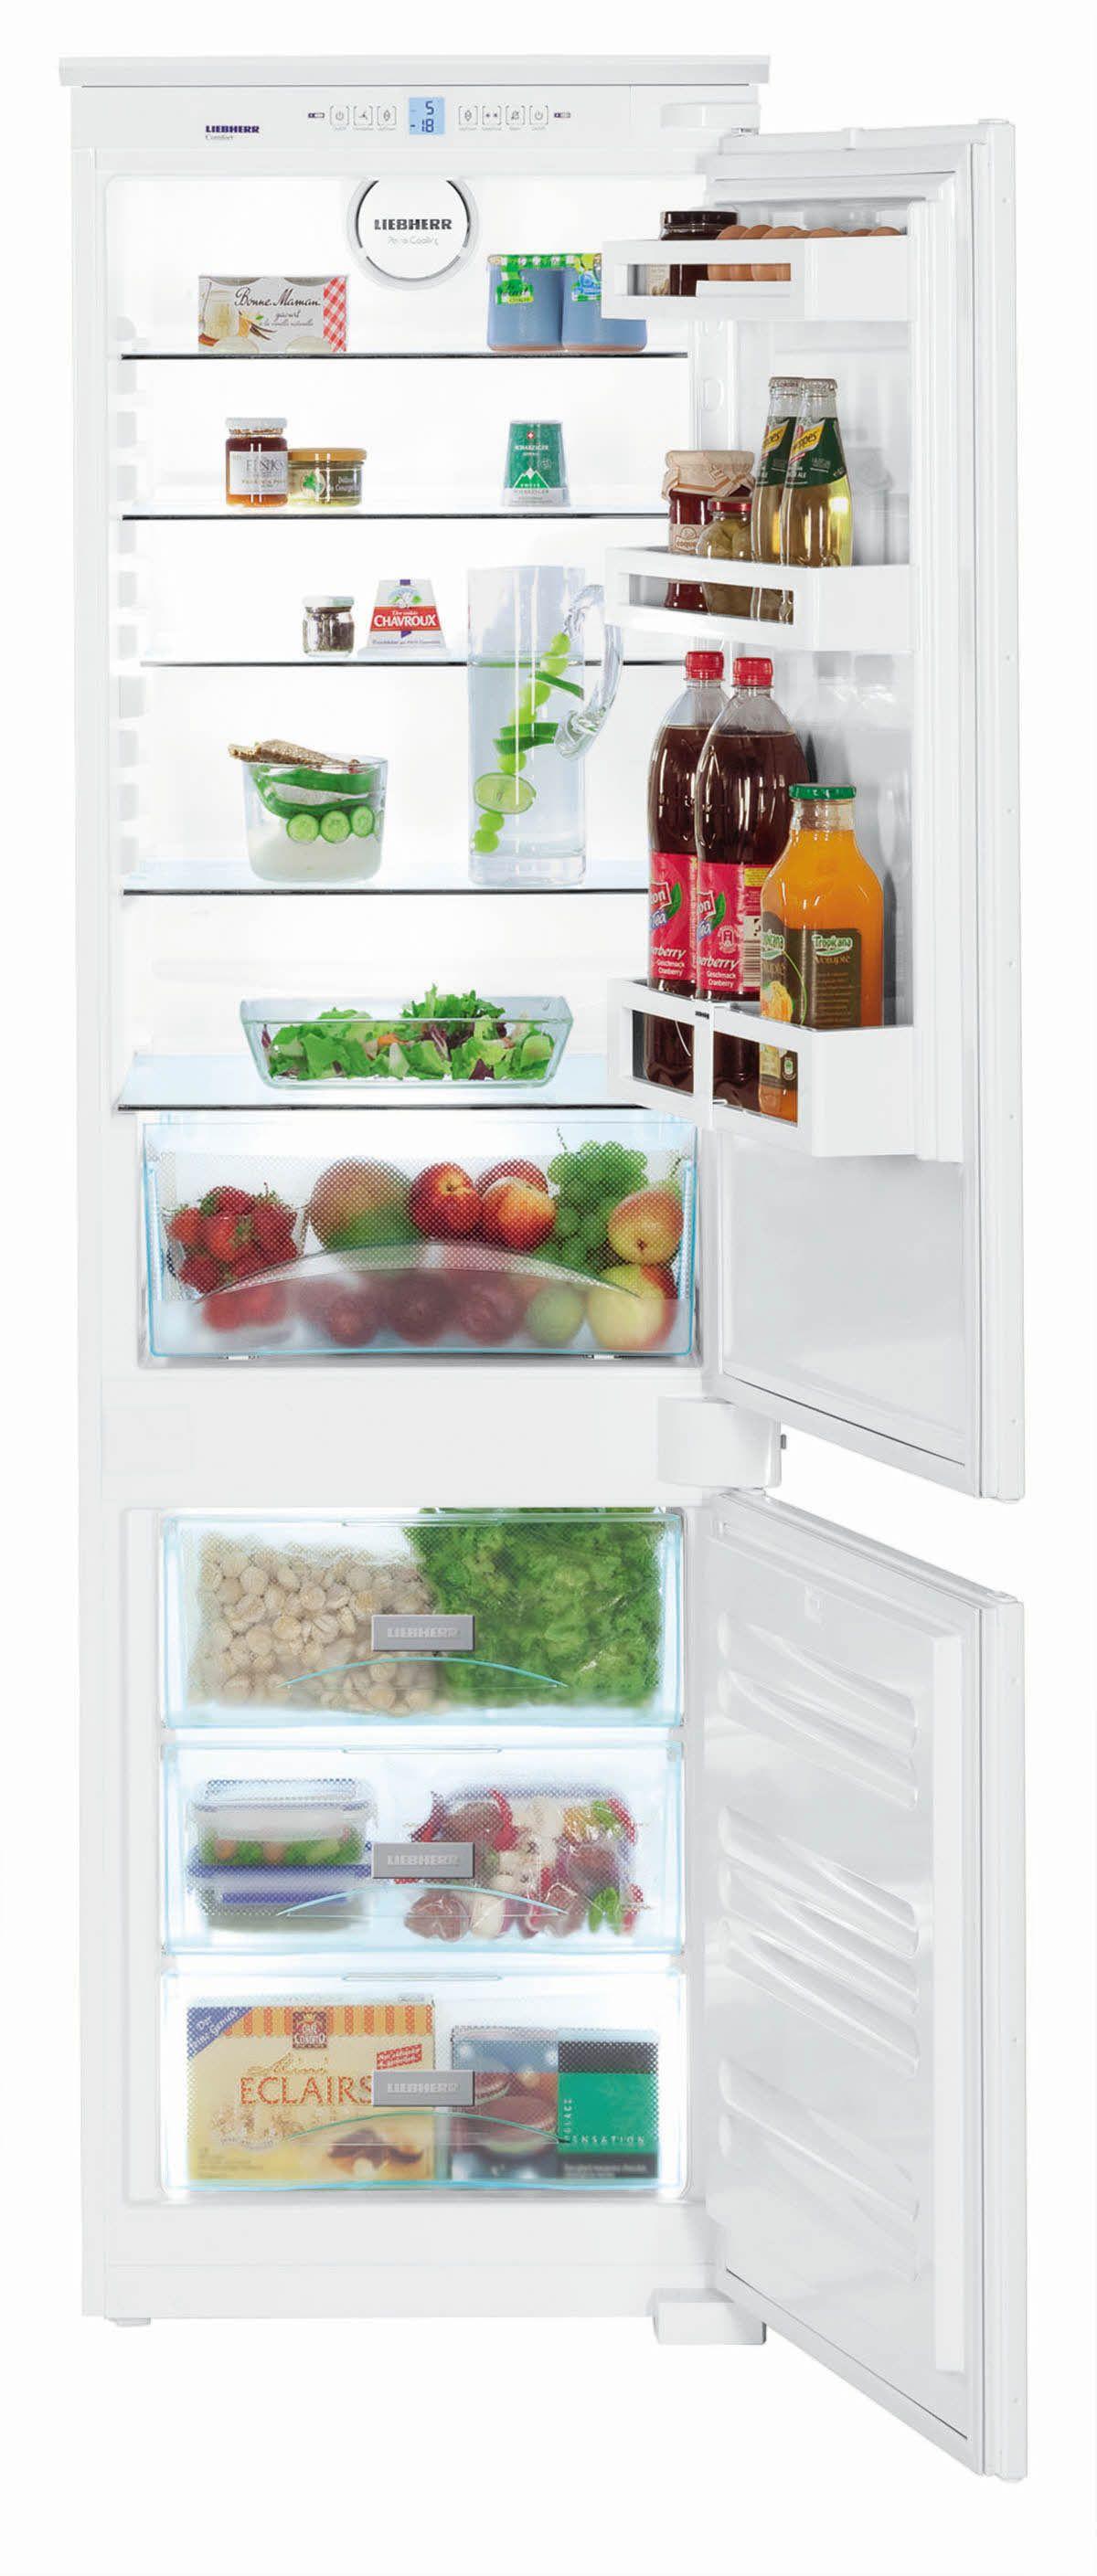 Встраиваемый холодильник LIEBHERR ICS 3314-20 001 от Ravta